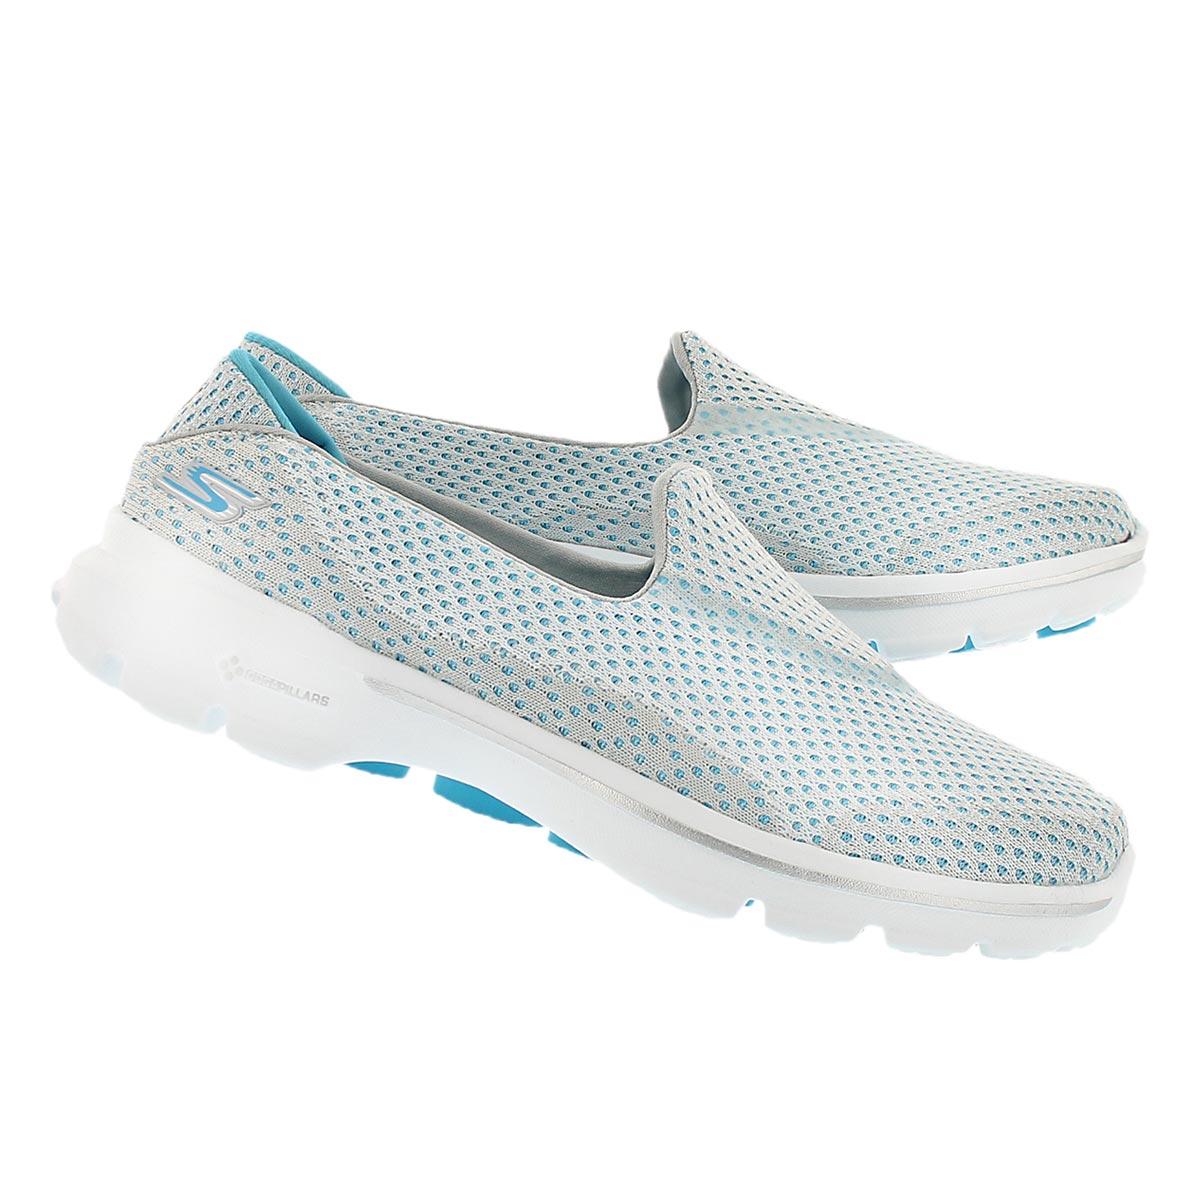 Lds GOwalk 3 wht/turq slip on sneaker